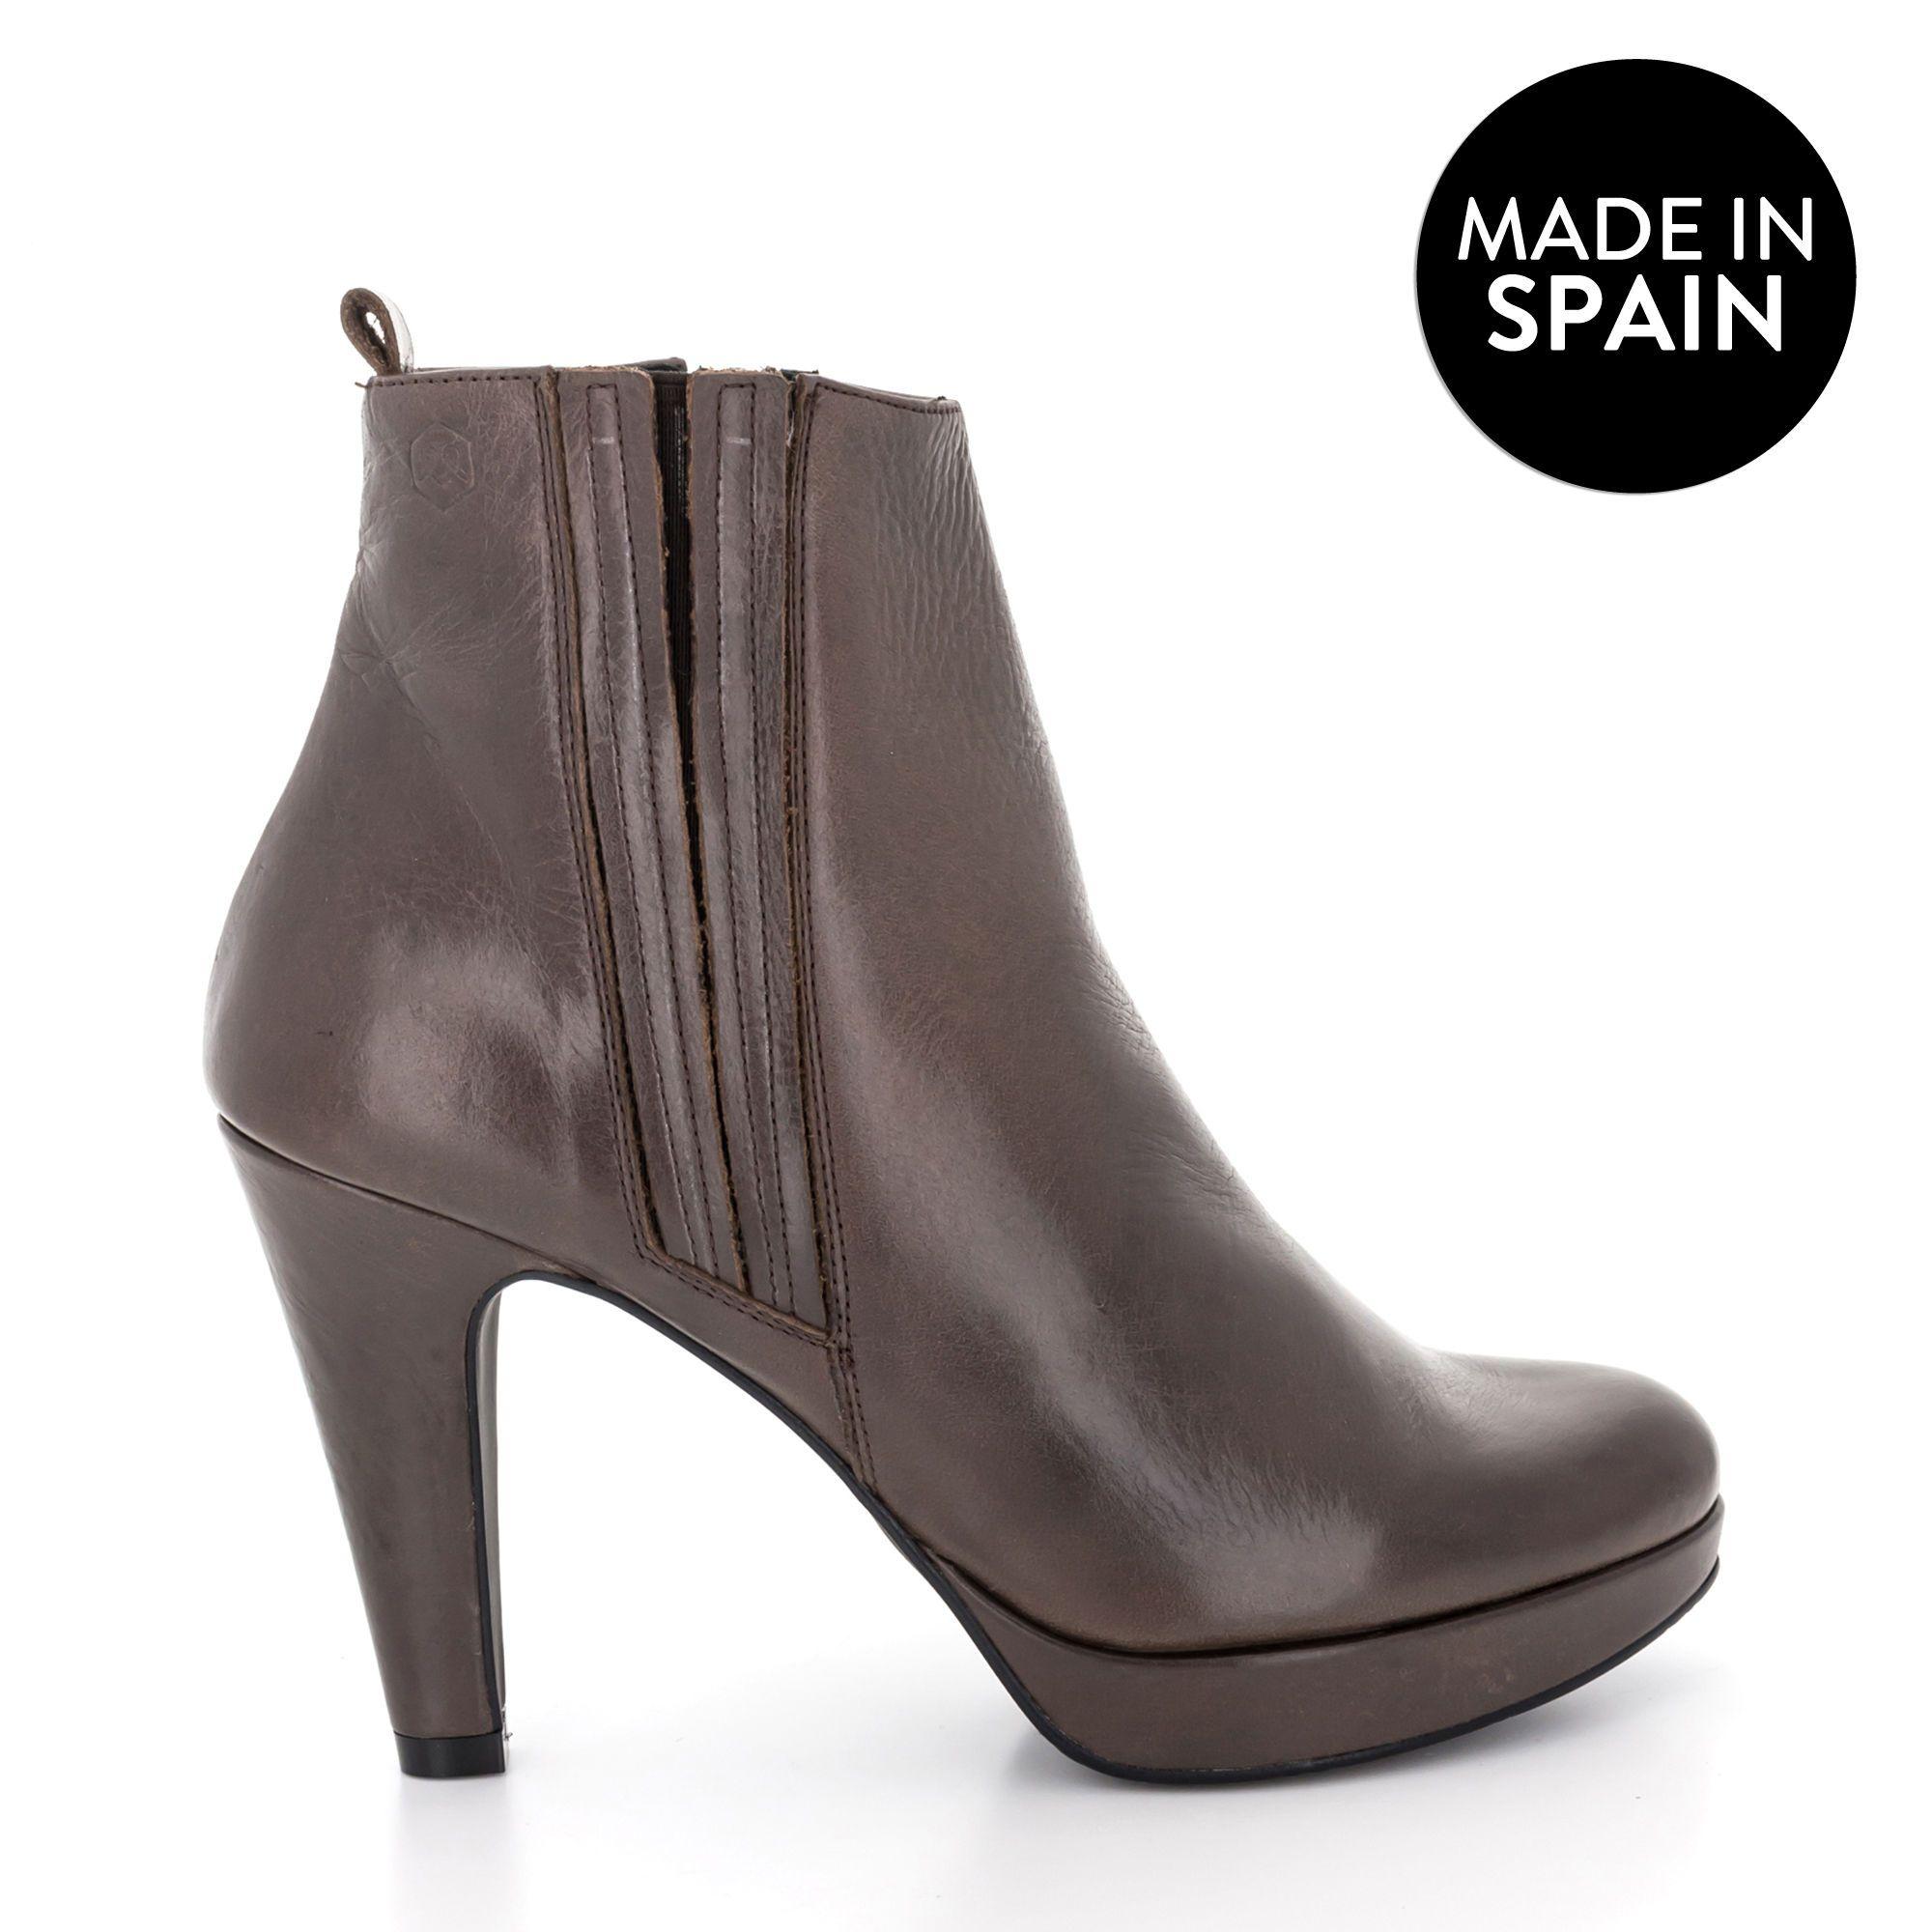 72a6342d PRIVALIA - Outlet online de moda Nº1 en España | Zapatos | Moda ...